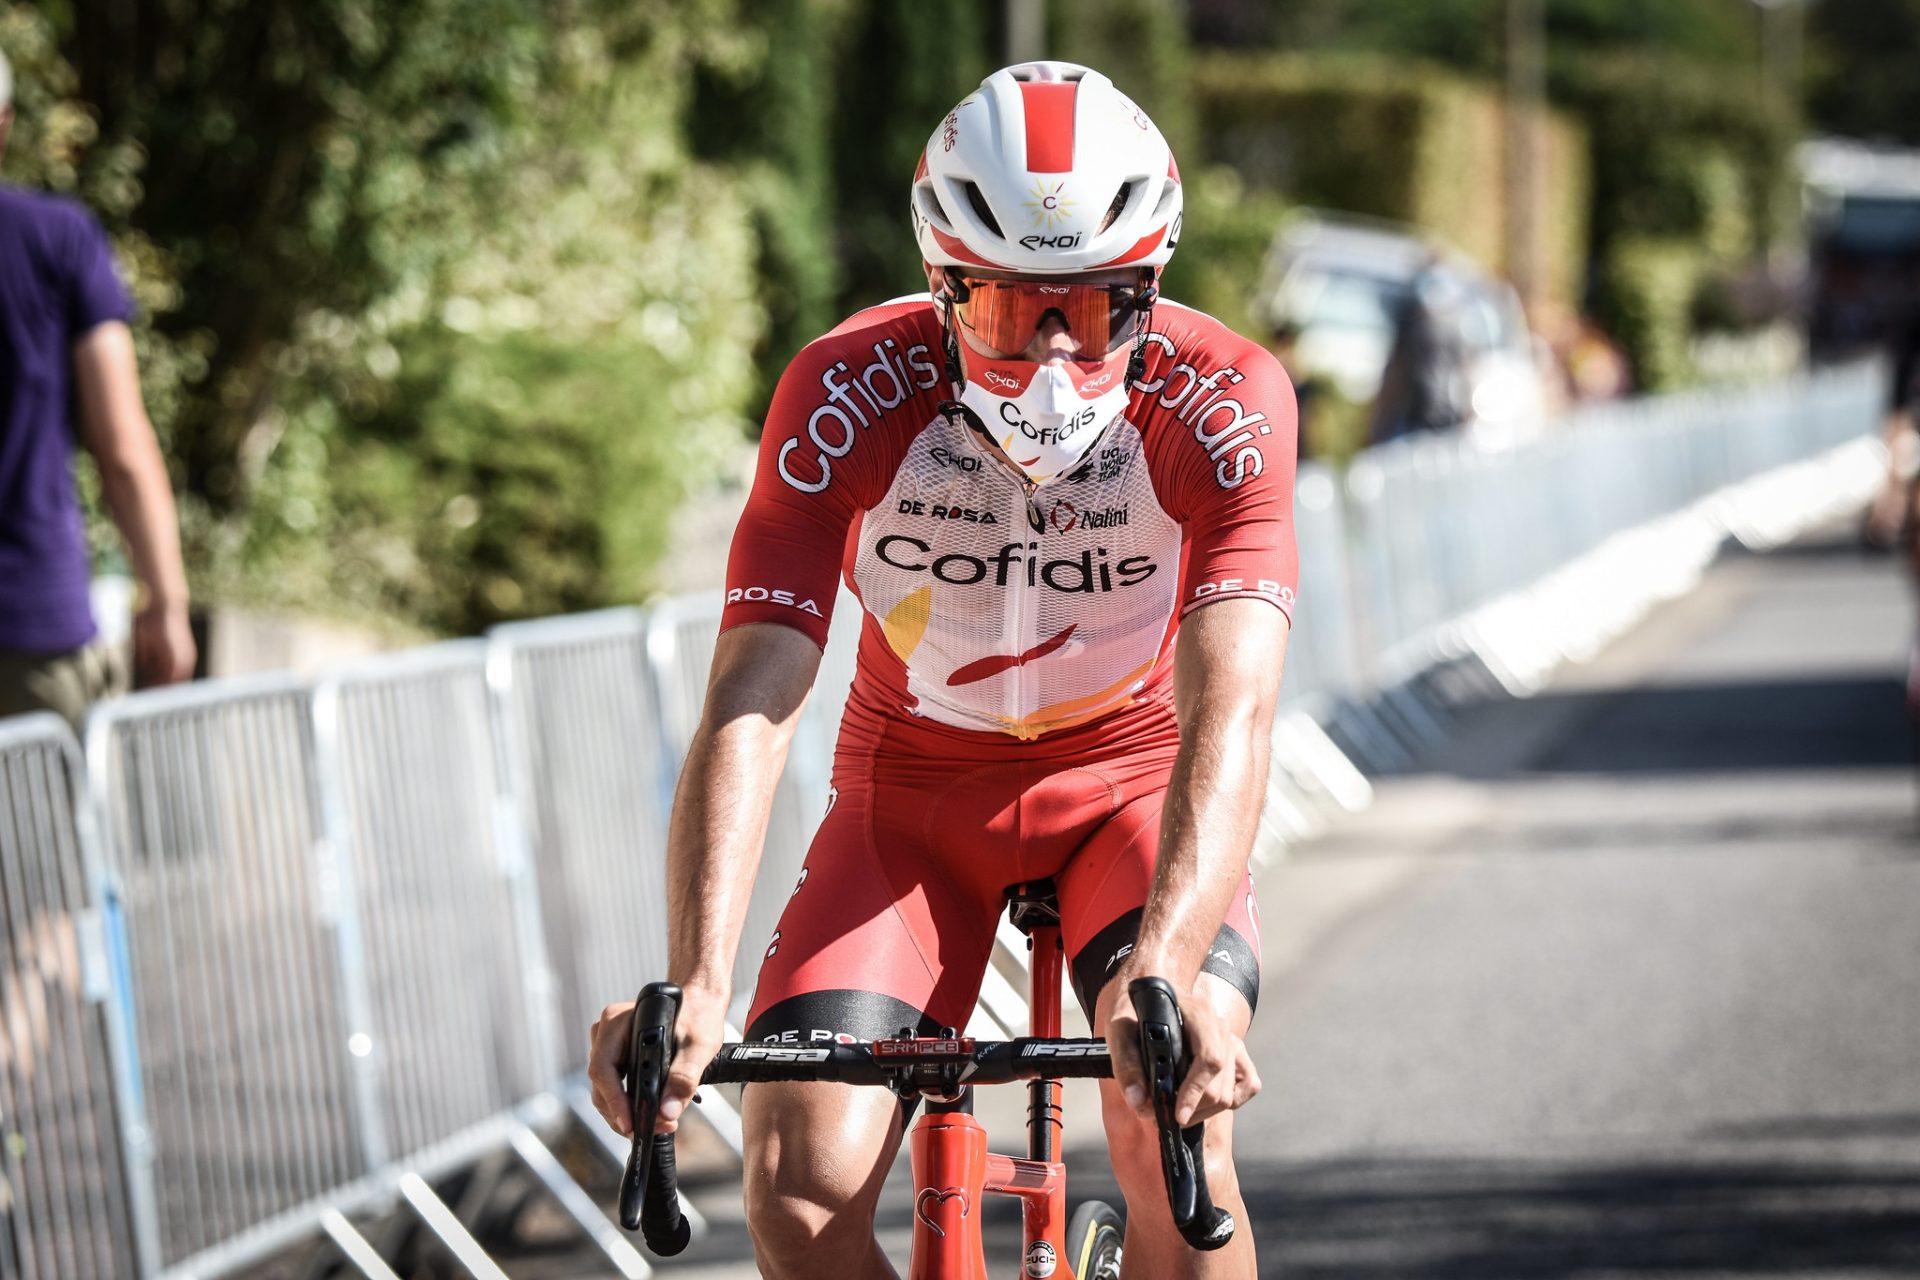 Roušky budou na Tour de France 2020 součástí každého dne. Foto: Cofidis